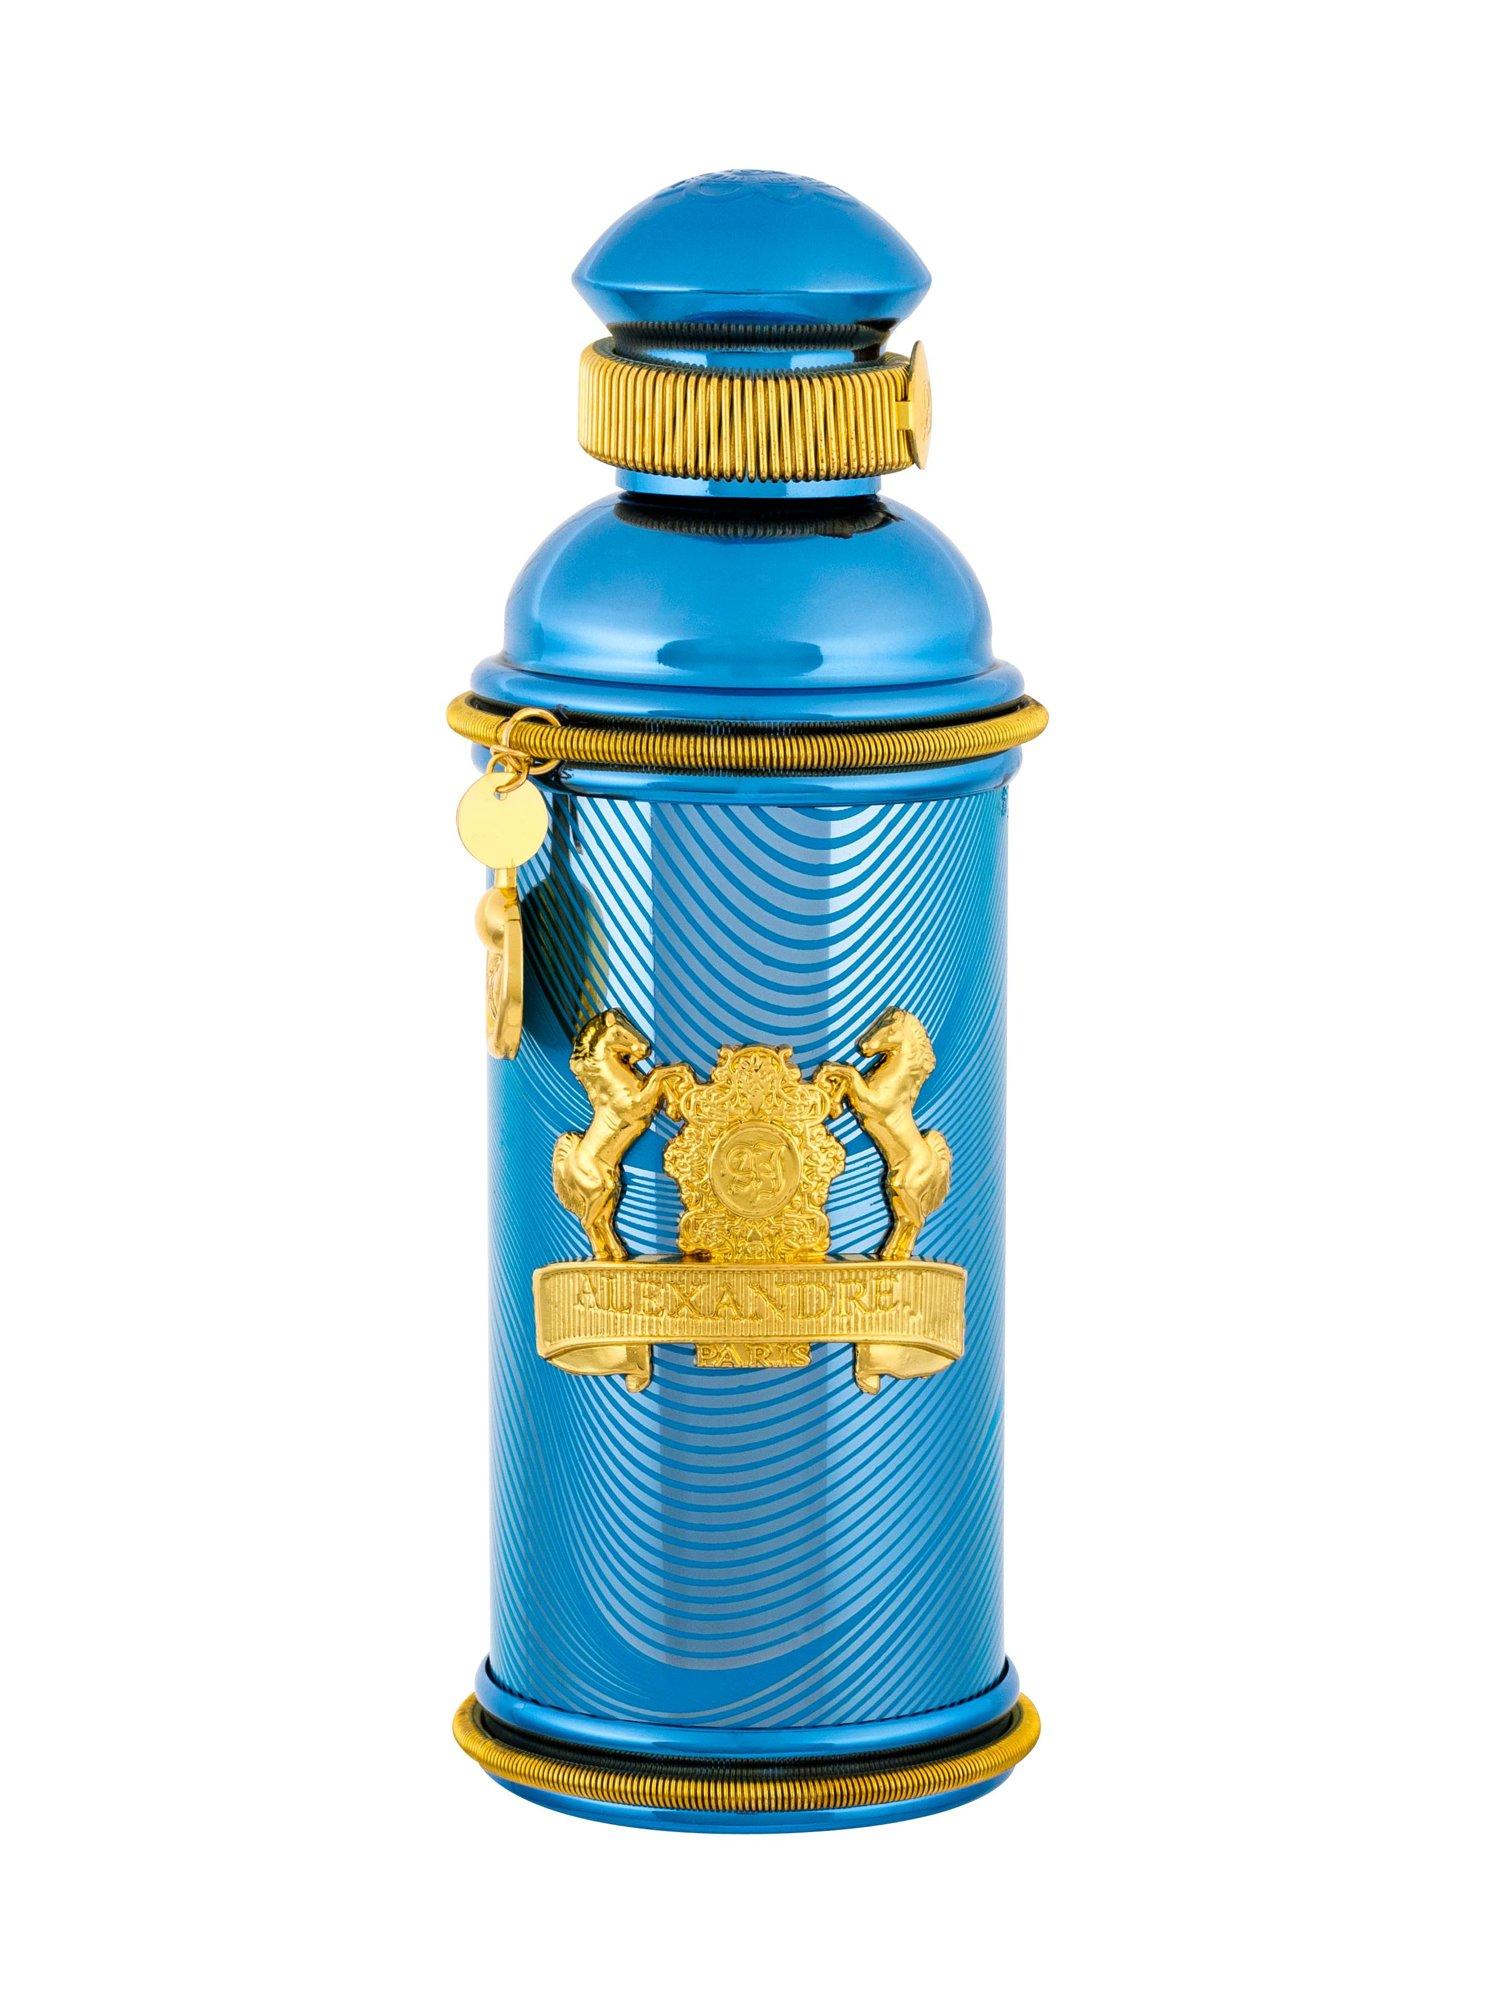 Alexandre.J The Collector Eau de Parfum 100ml  Zafeer Oud Vanille